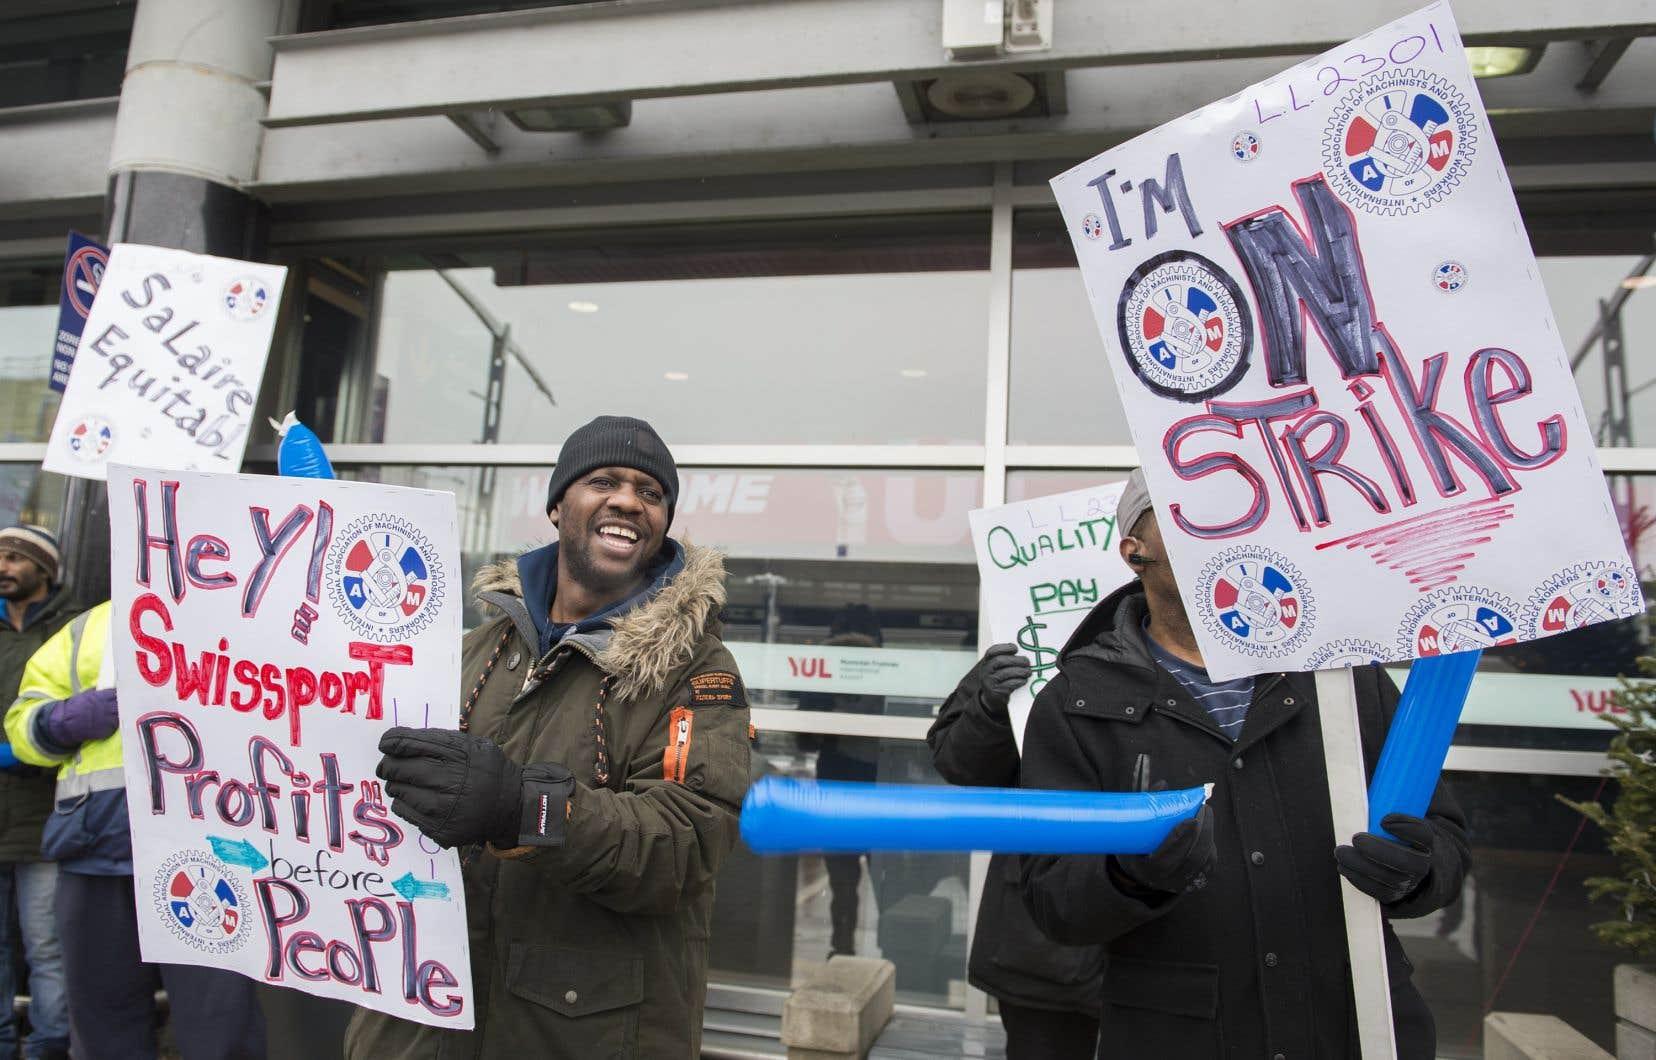 Manifestation des employés de Swissport en grève, le 31 décembre dernier